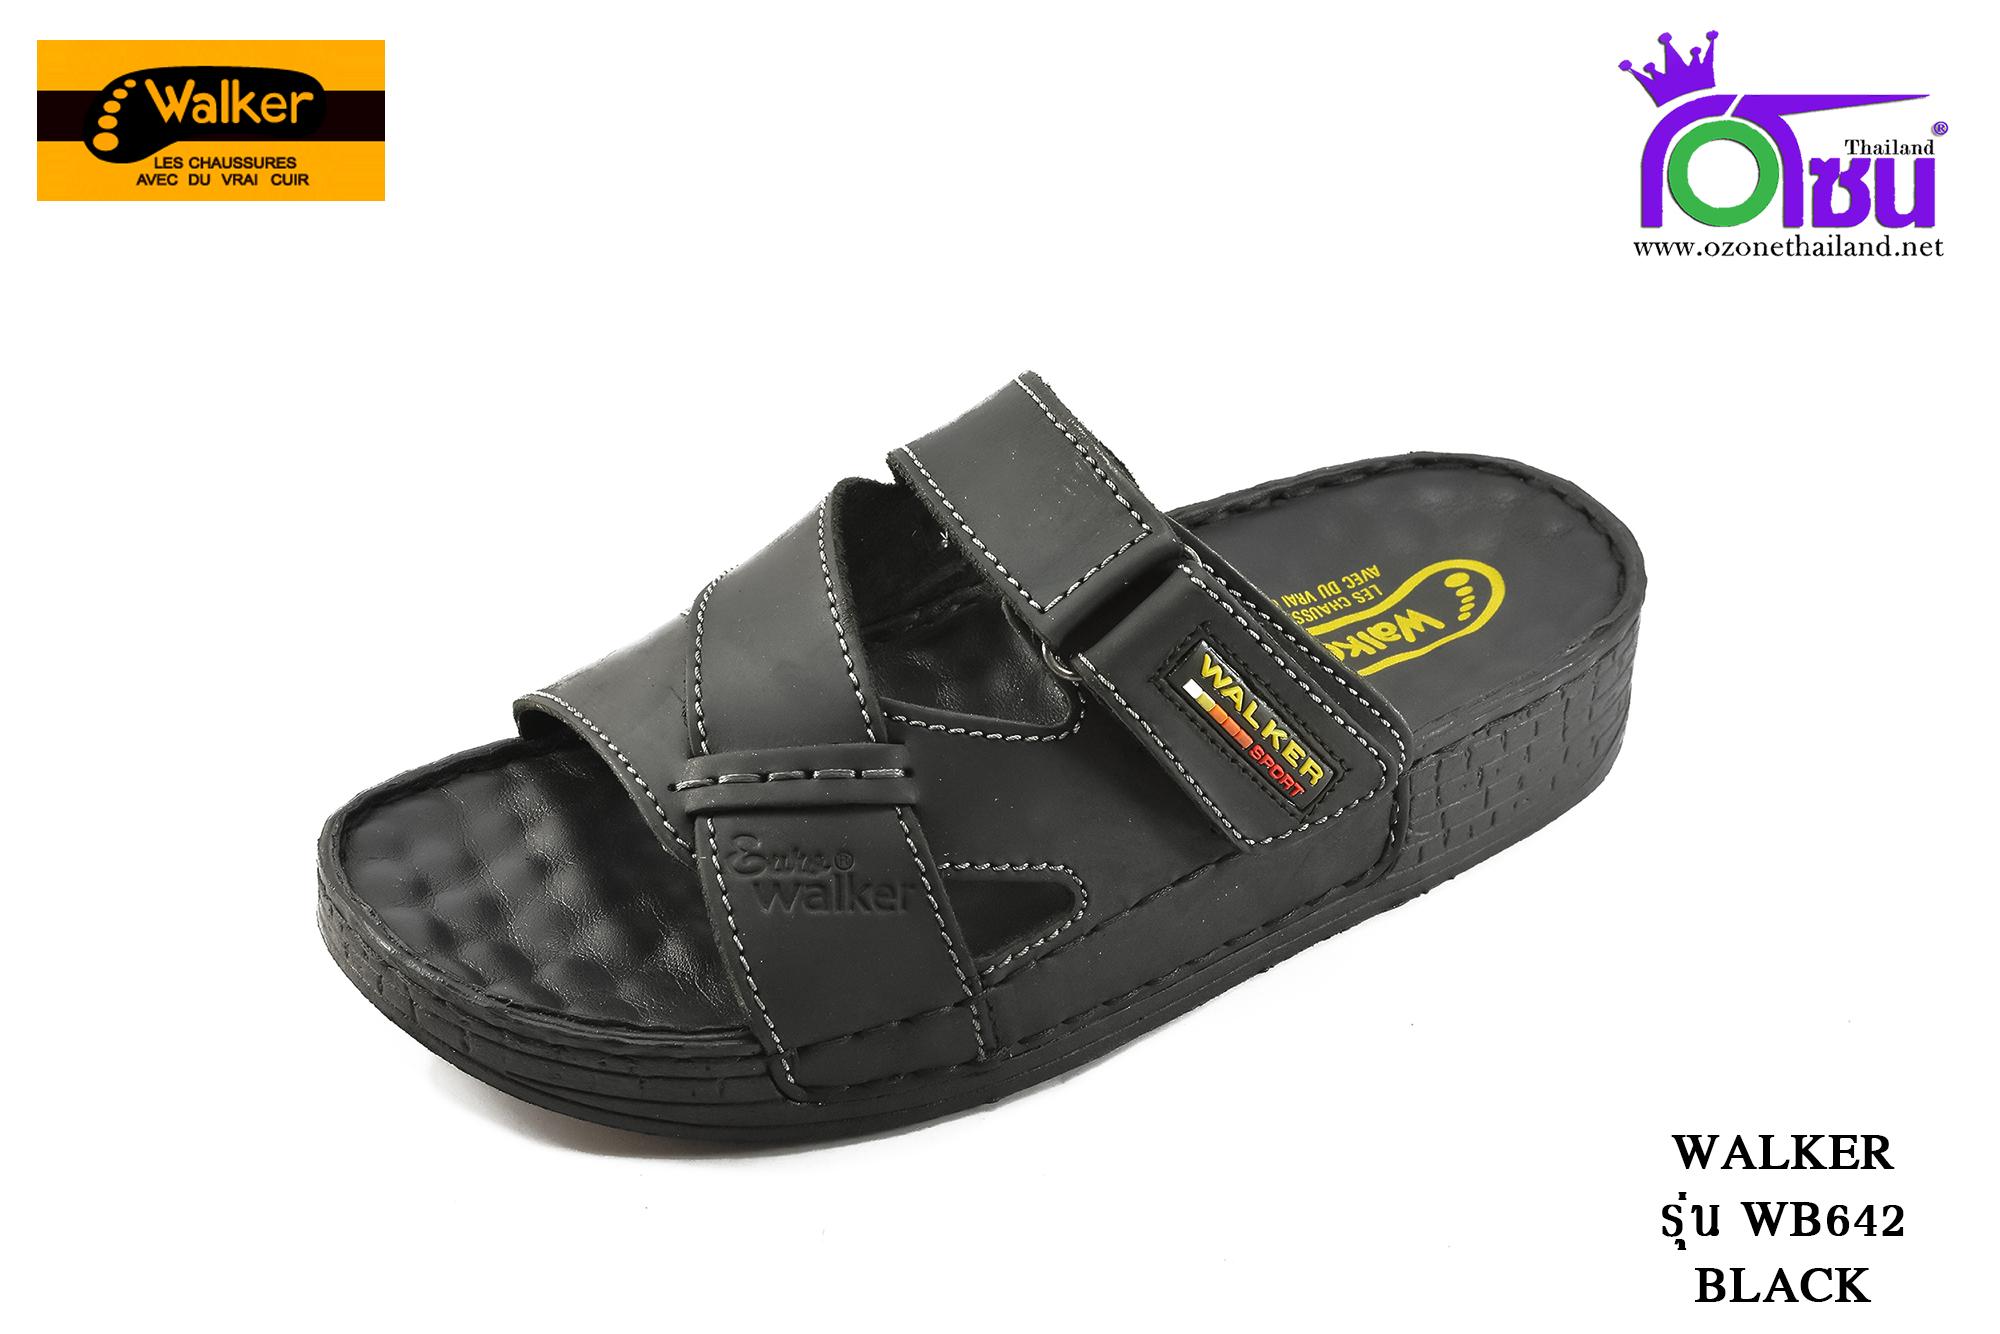 รองเท้า Walker WB642 สีดำ เบอร์ 41-45